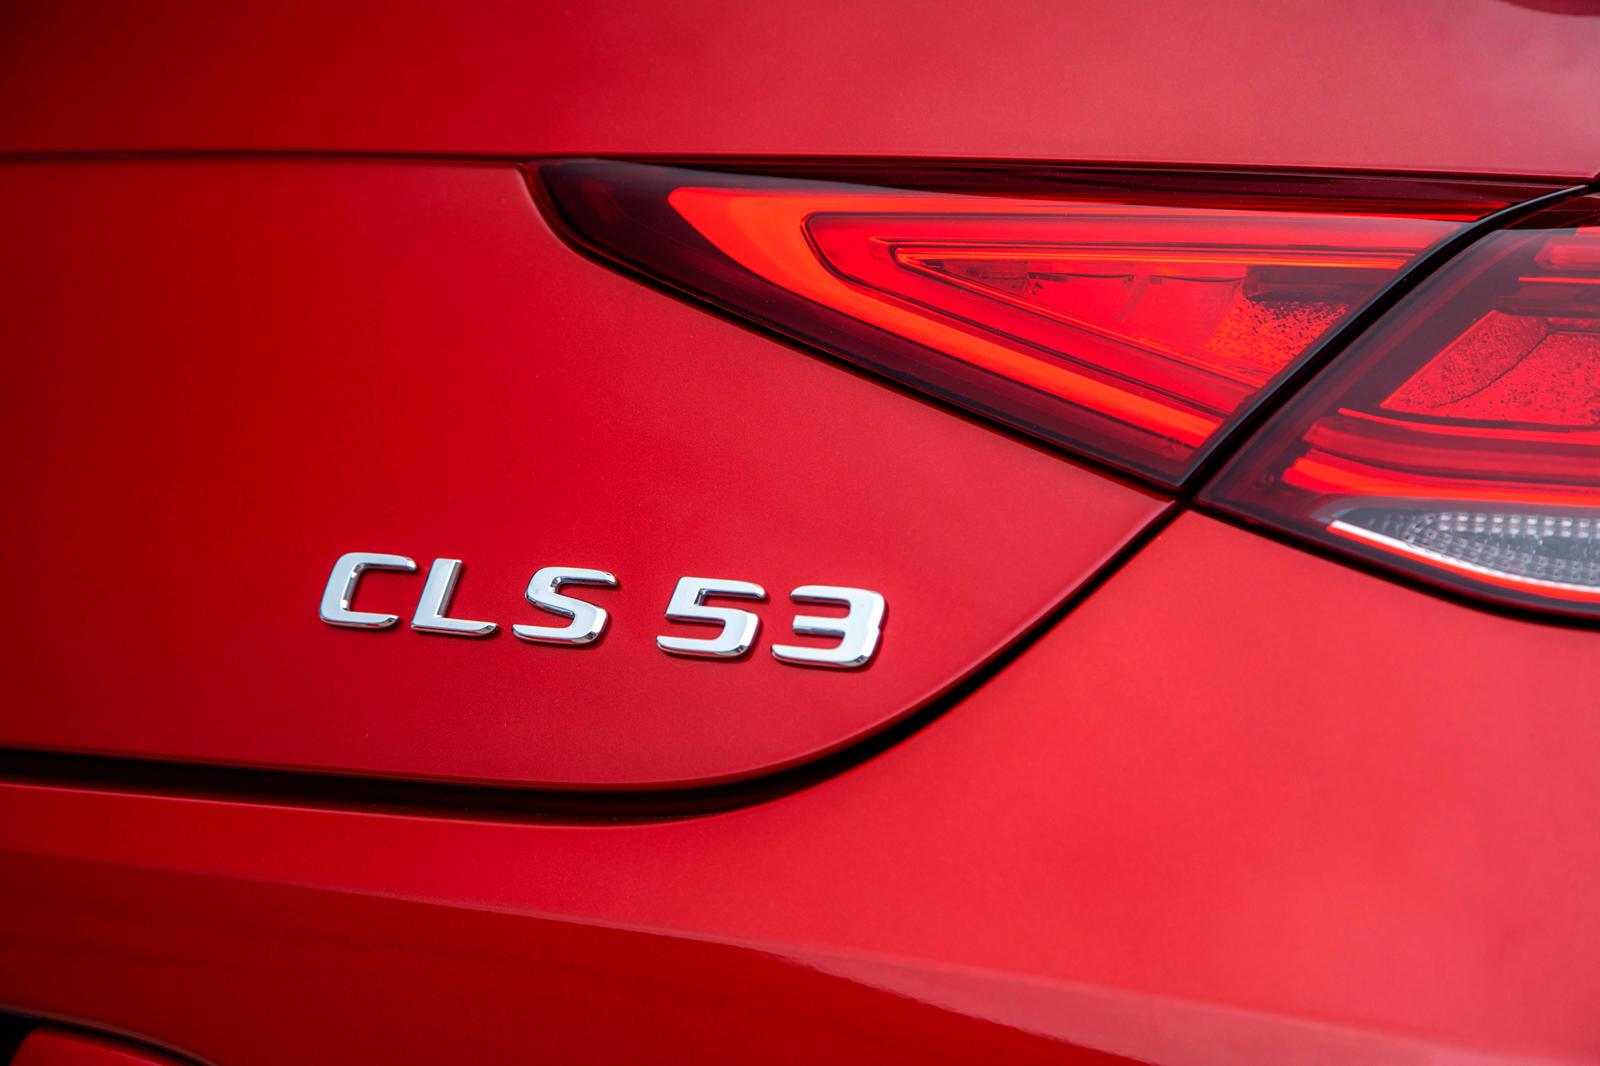 Оригинальный Mercedes-Benz CLS познакомил мир с концепцией четырехдверного купе с его сексуальной линией крыши и дверями без опор. Когда-то это был самый красивый автомобиль в модельном ряду Mercedes, но с годами его важность значительно снизилась. С